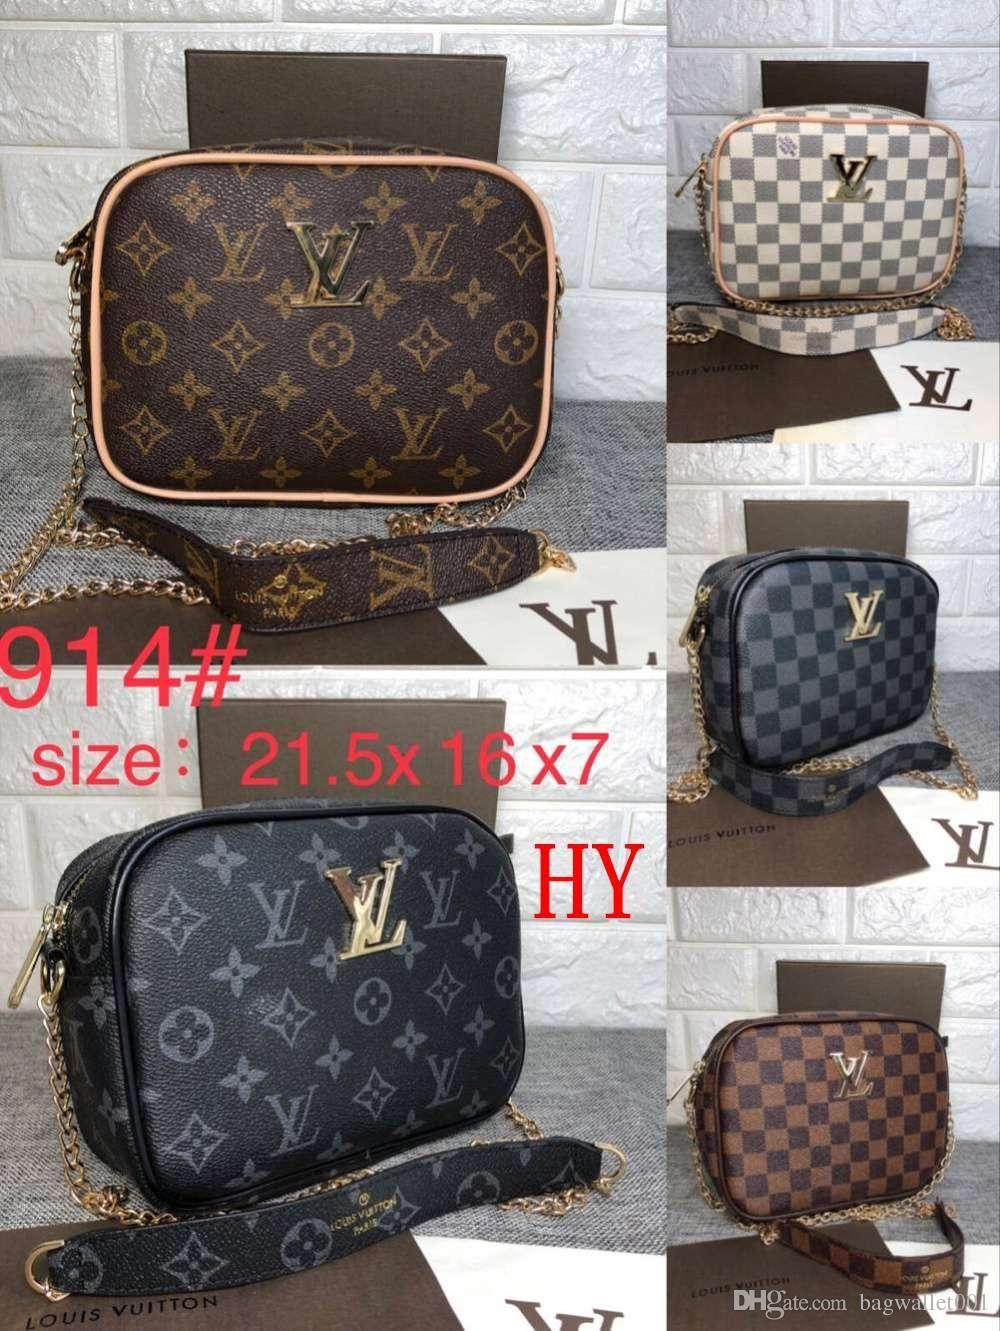 mk 914 new styles fashion bags ladies handbags designer bags rh dhgate com